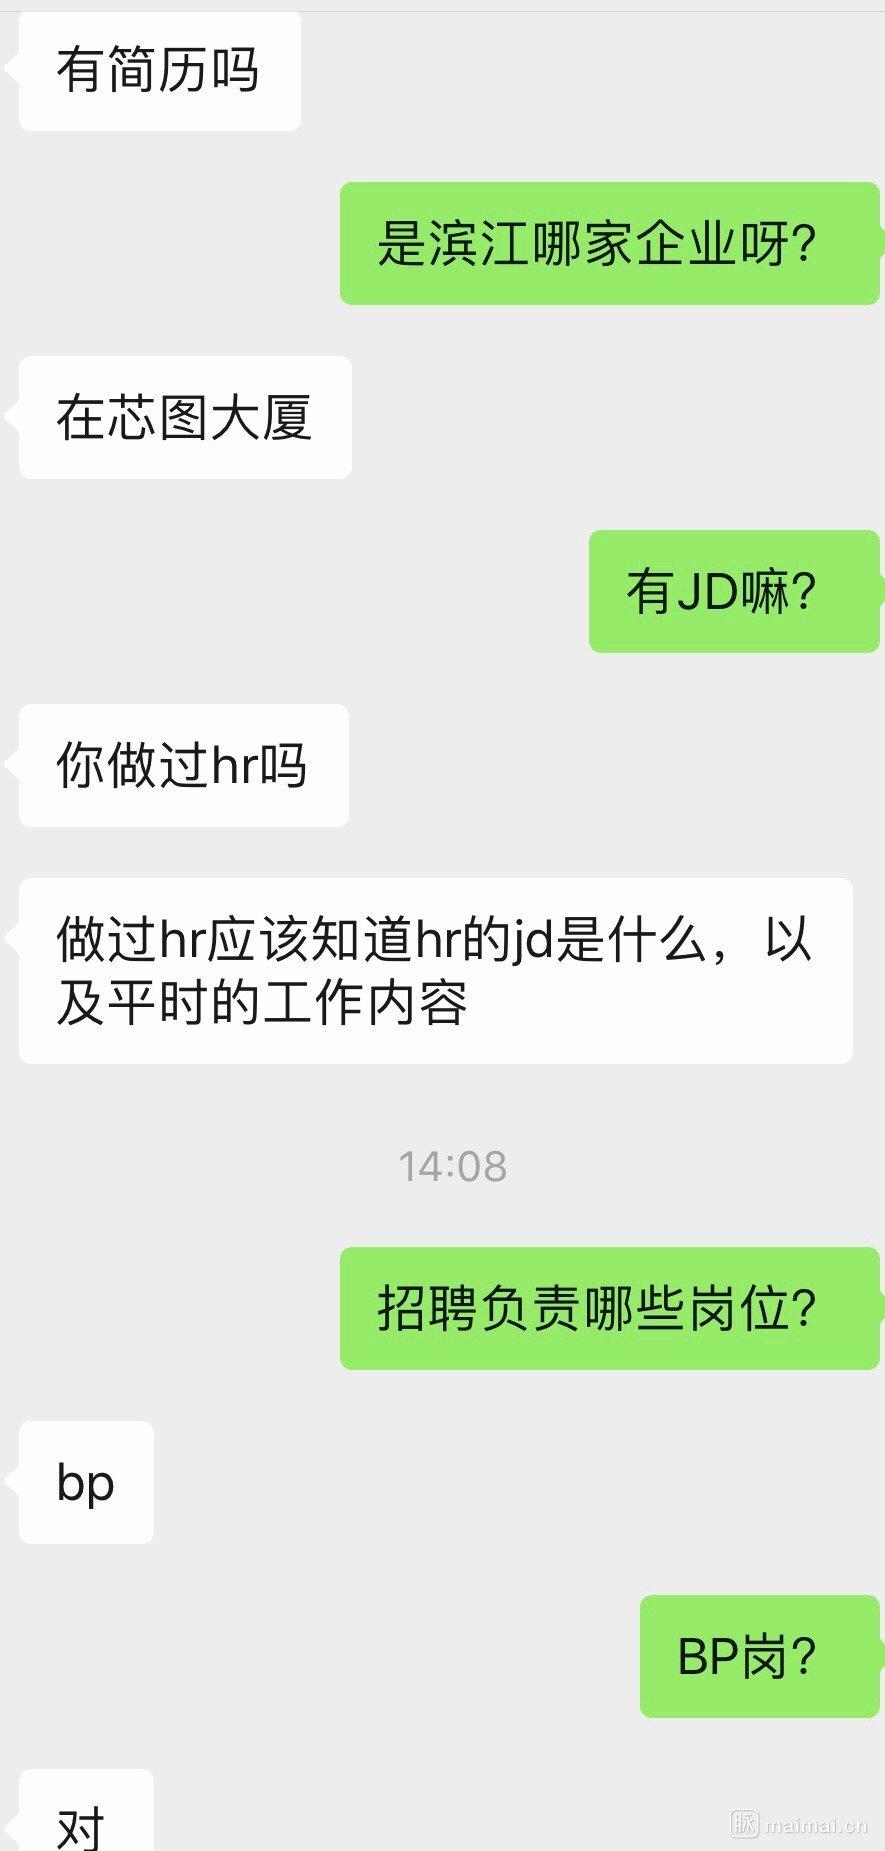 杭州滨江 芯图某HR诚意十足啊前唯品会员工:[笑哭][笑…